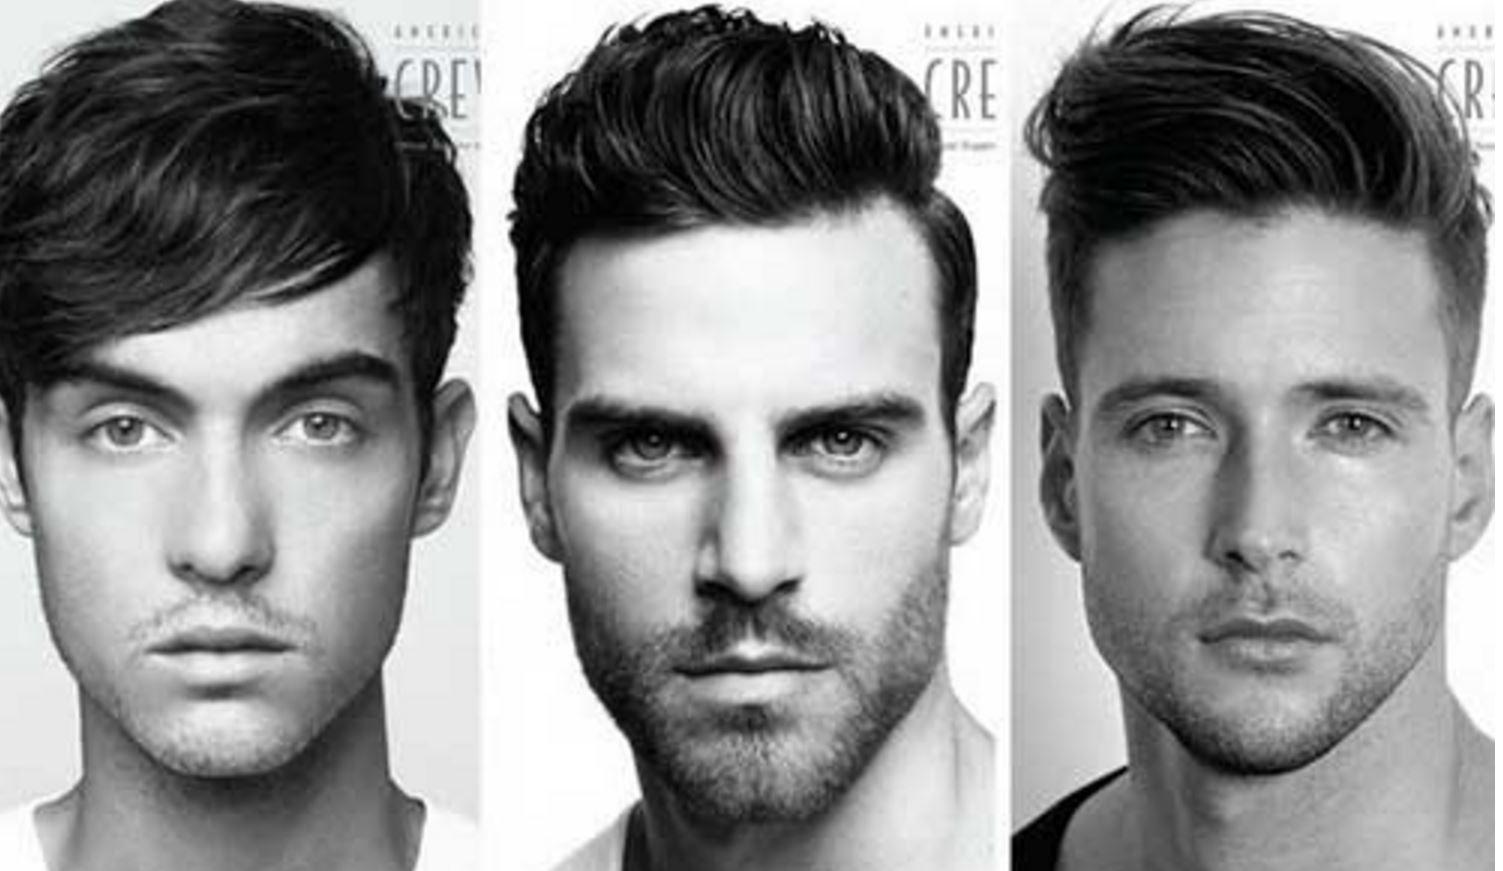 Uzun Yuzlu Erkekler Icin 2018 Moda Sac Modelleri Erkek Sac Modelleri Erkek Saci Sac